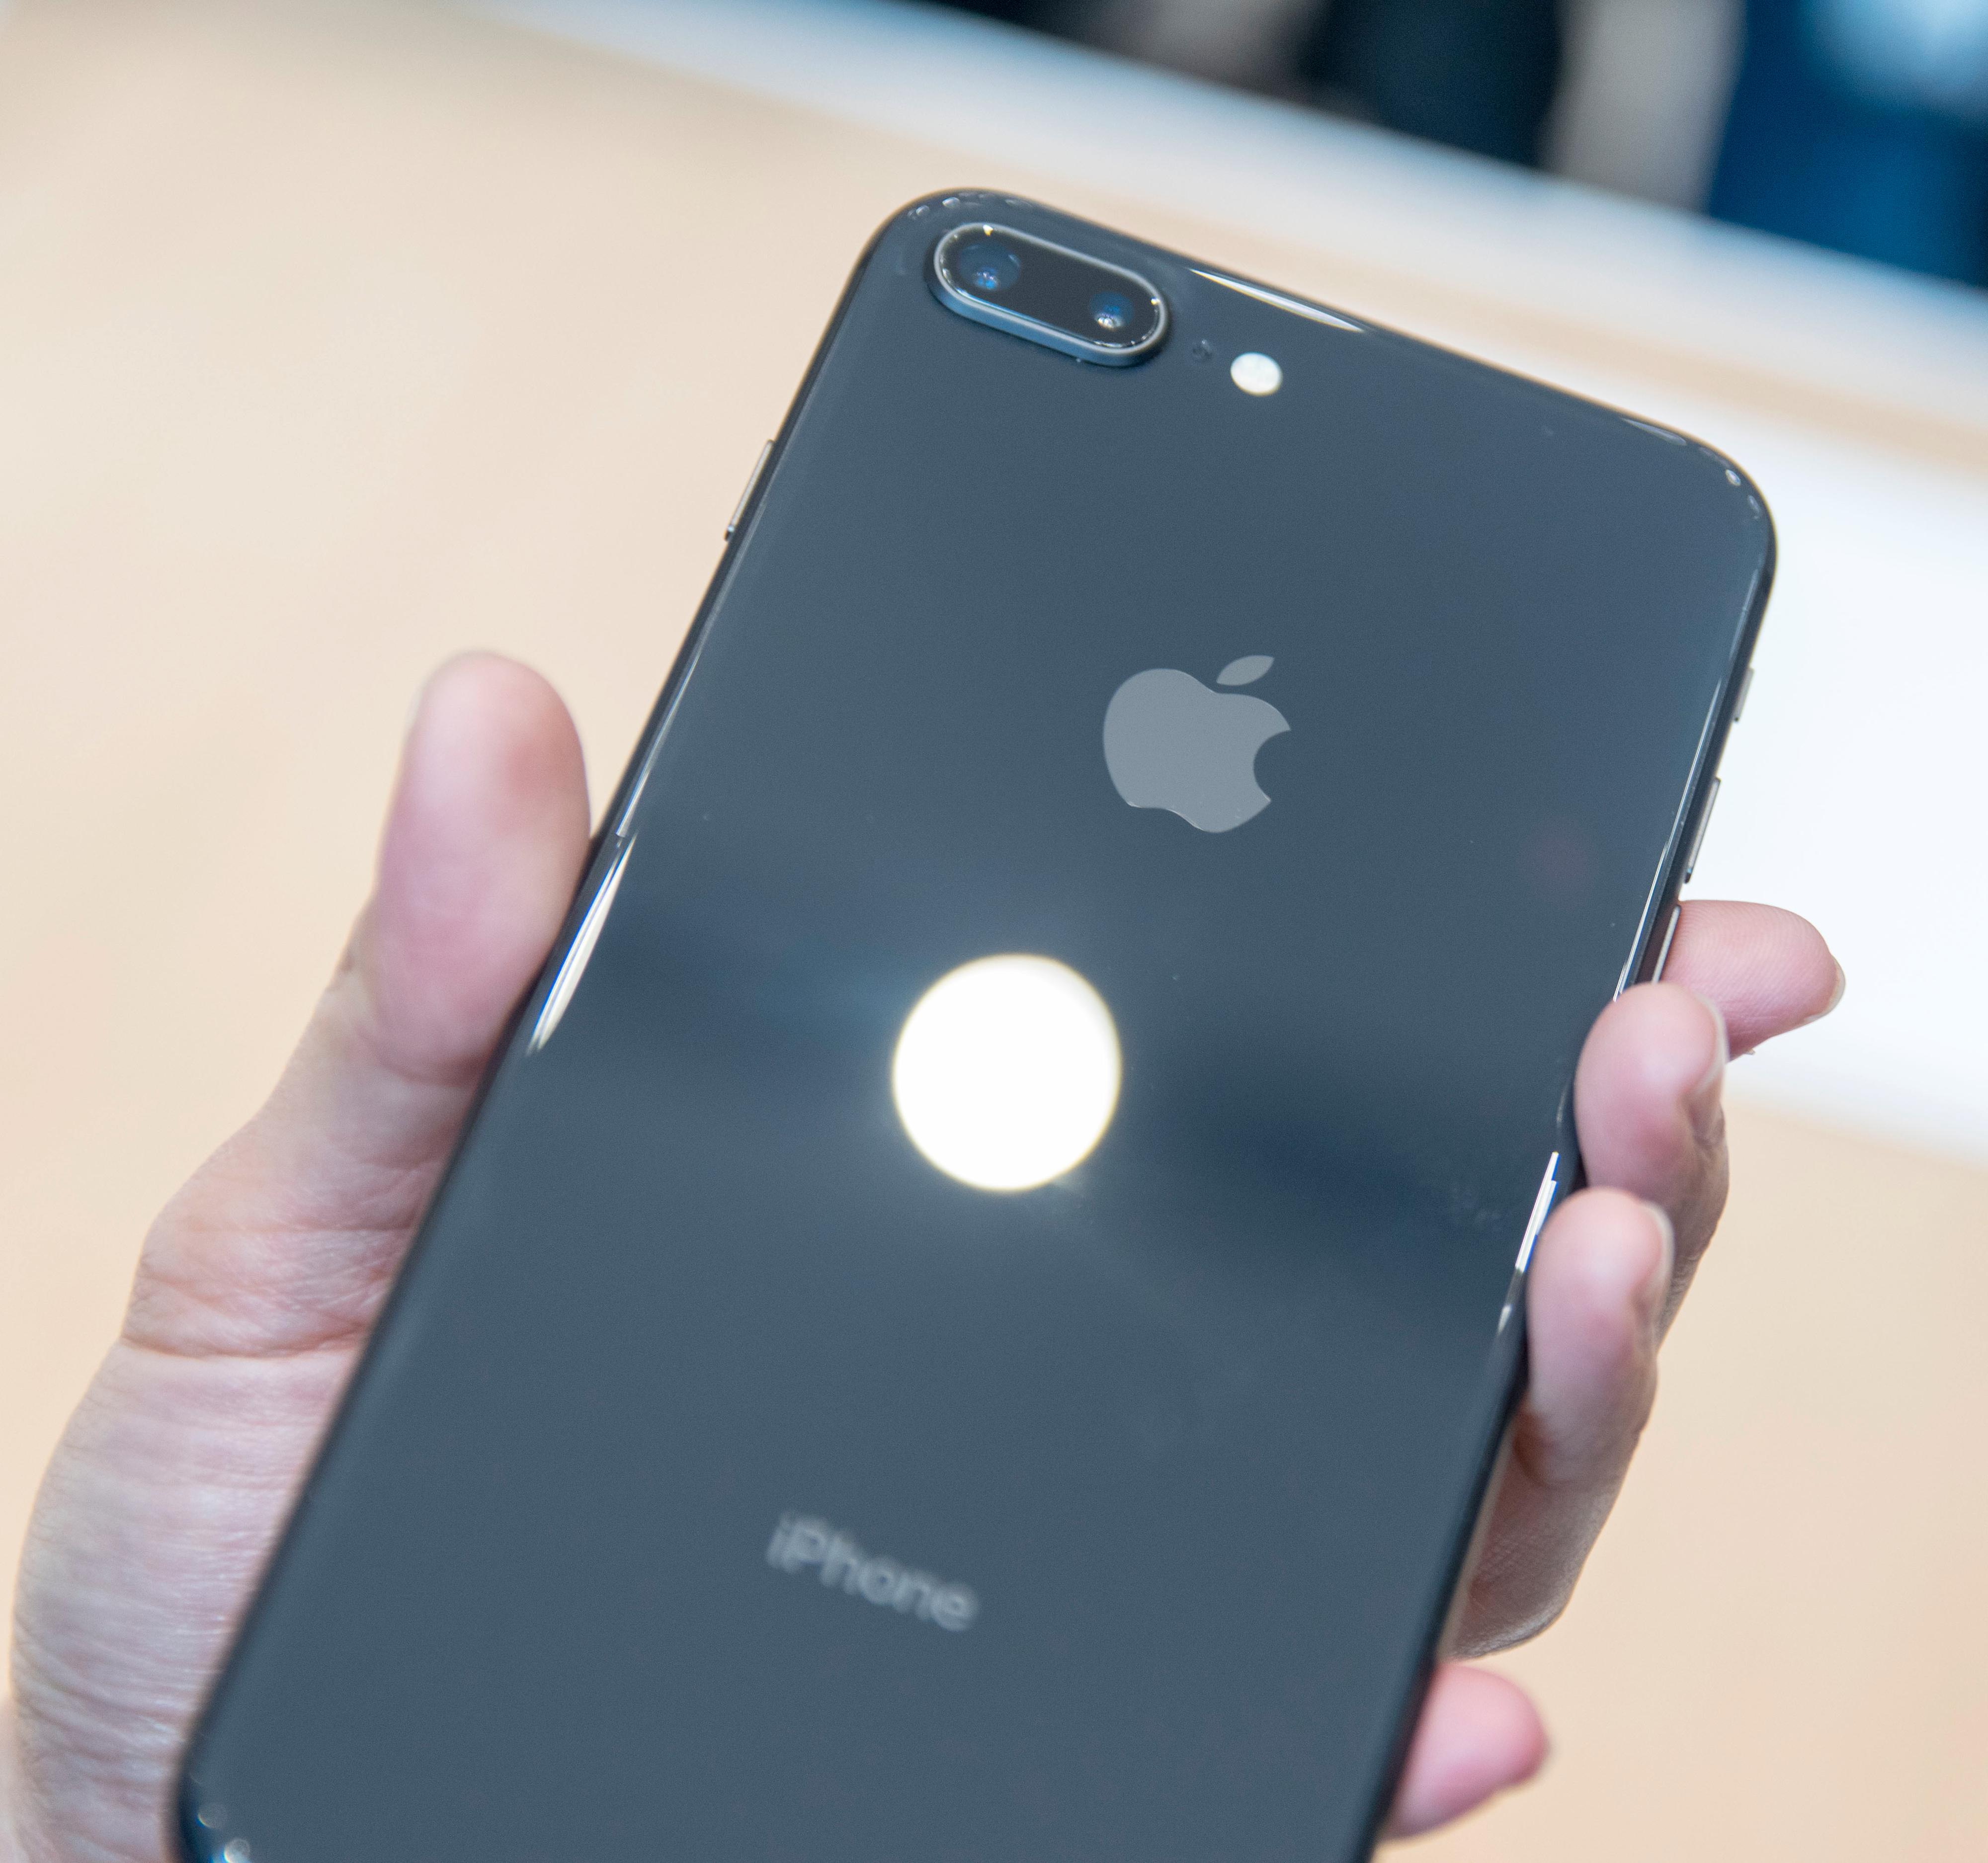 Blanke baksider i glass gjør at de nye iPhone-modellene kan lade trådløst. Dette er iPhone 8 Plus, som deler enkelte av kameraegenskapene med iPhone X.